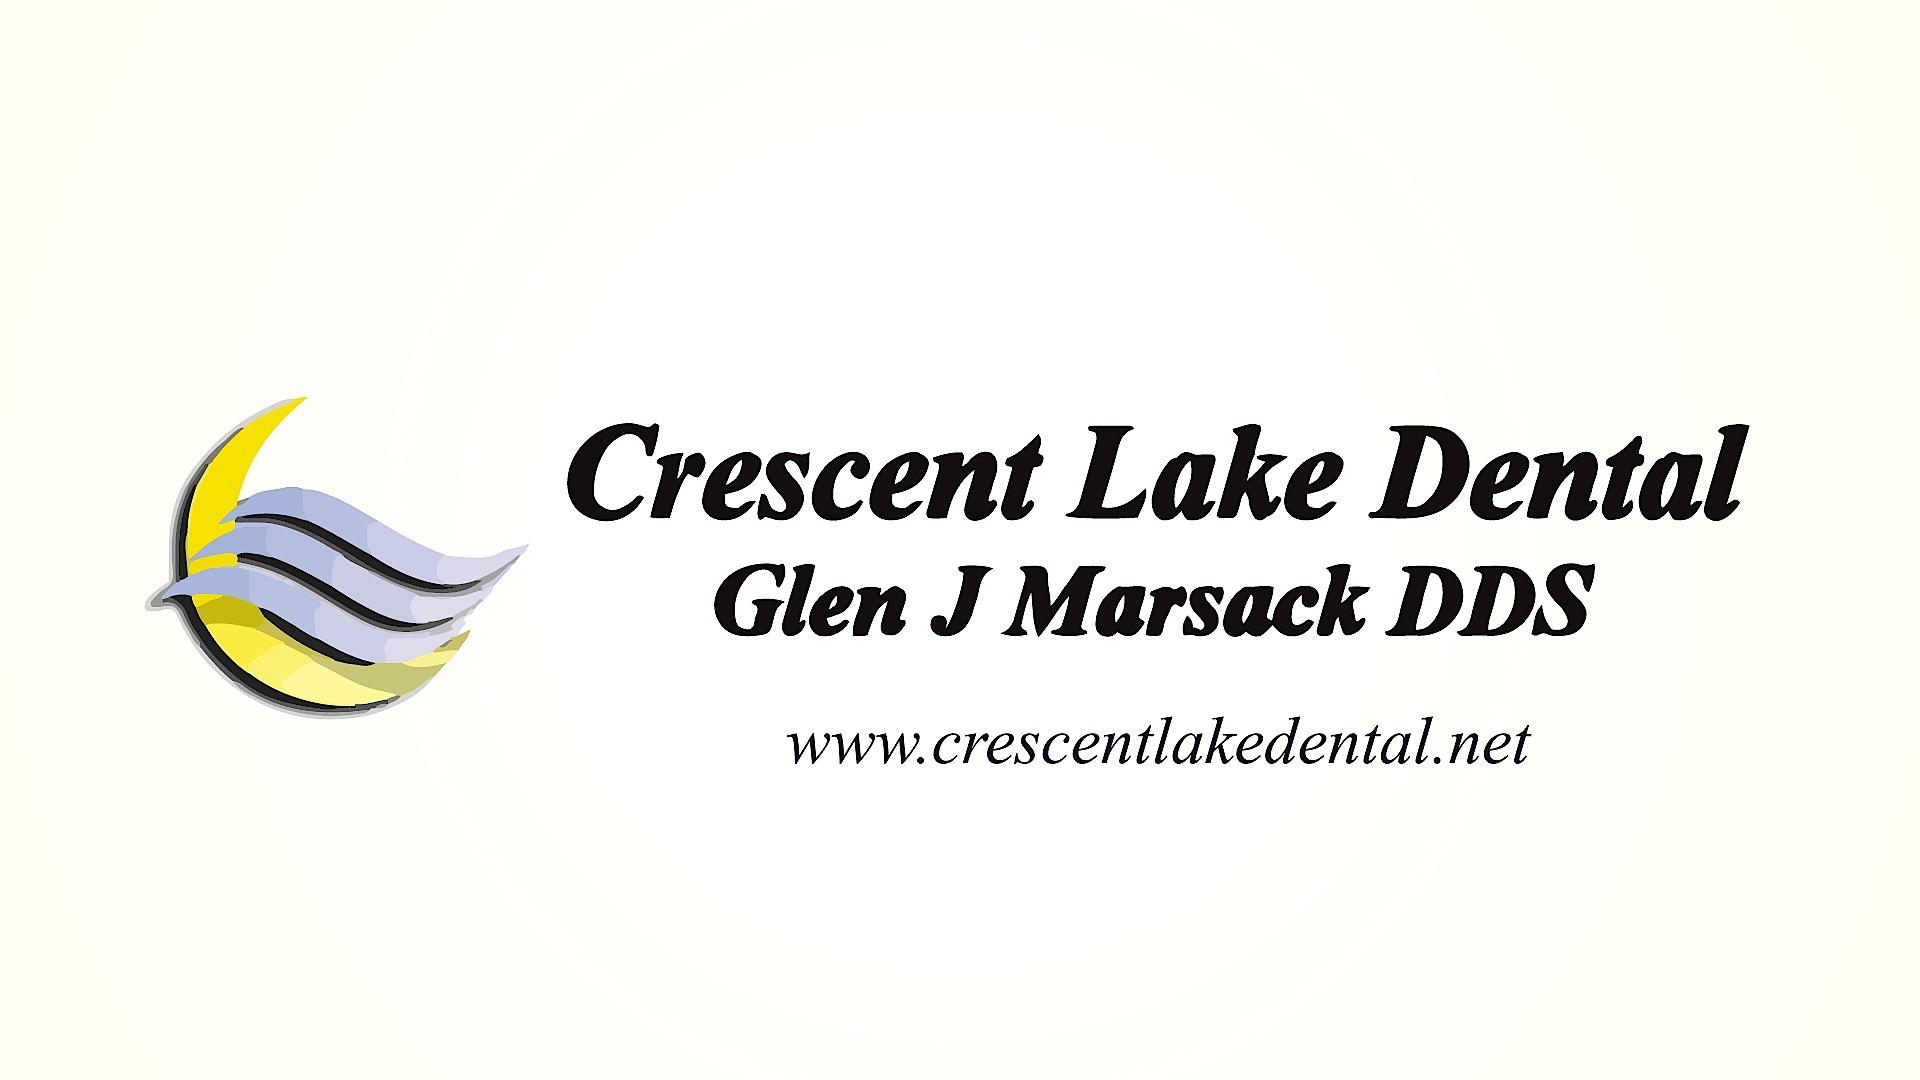 Crescent Lake Dental-Glen J Marsack - Dentist in Waterford, MI